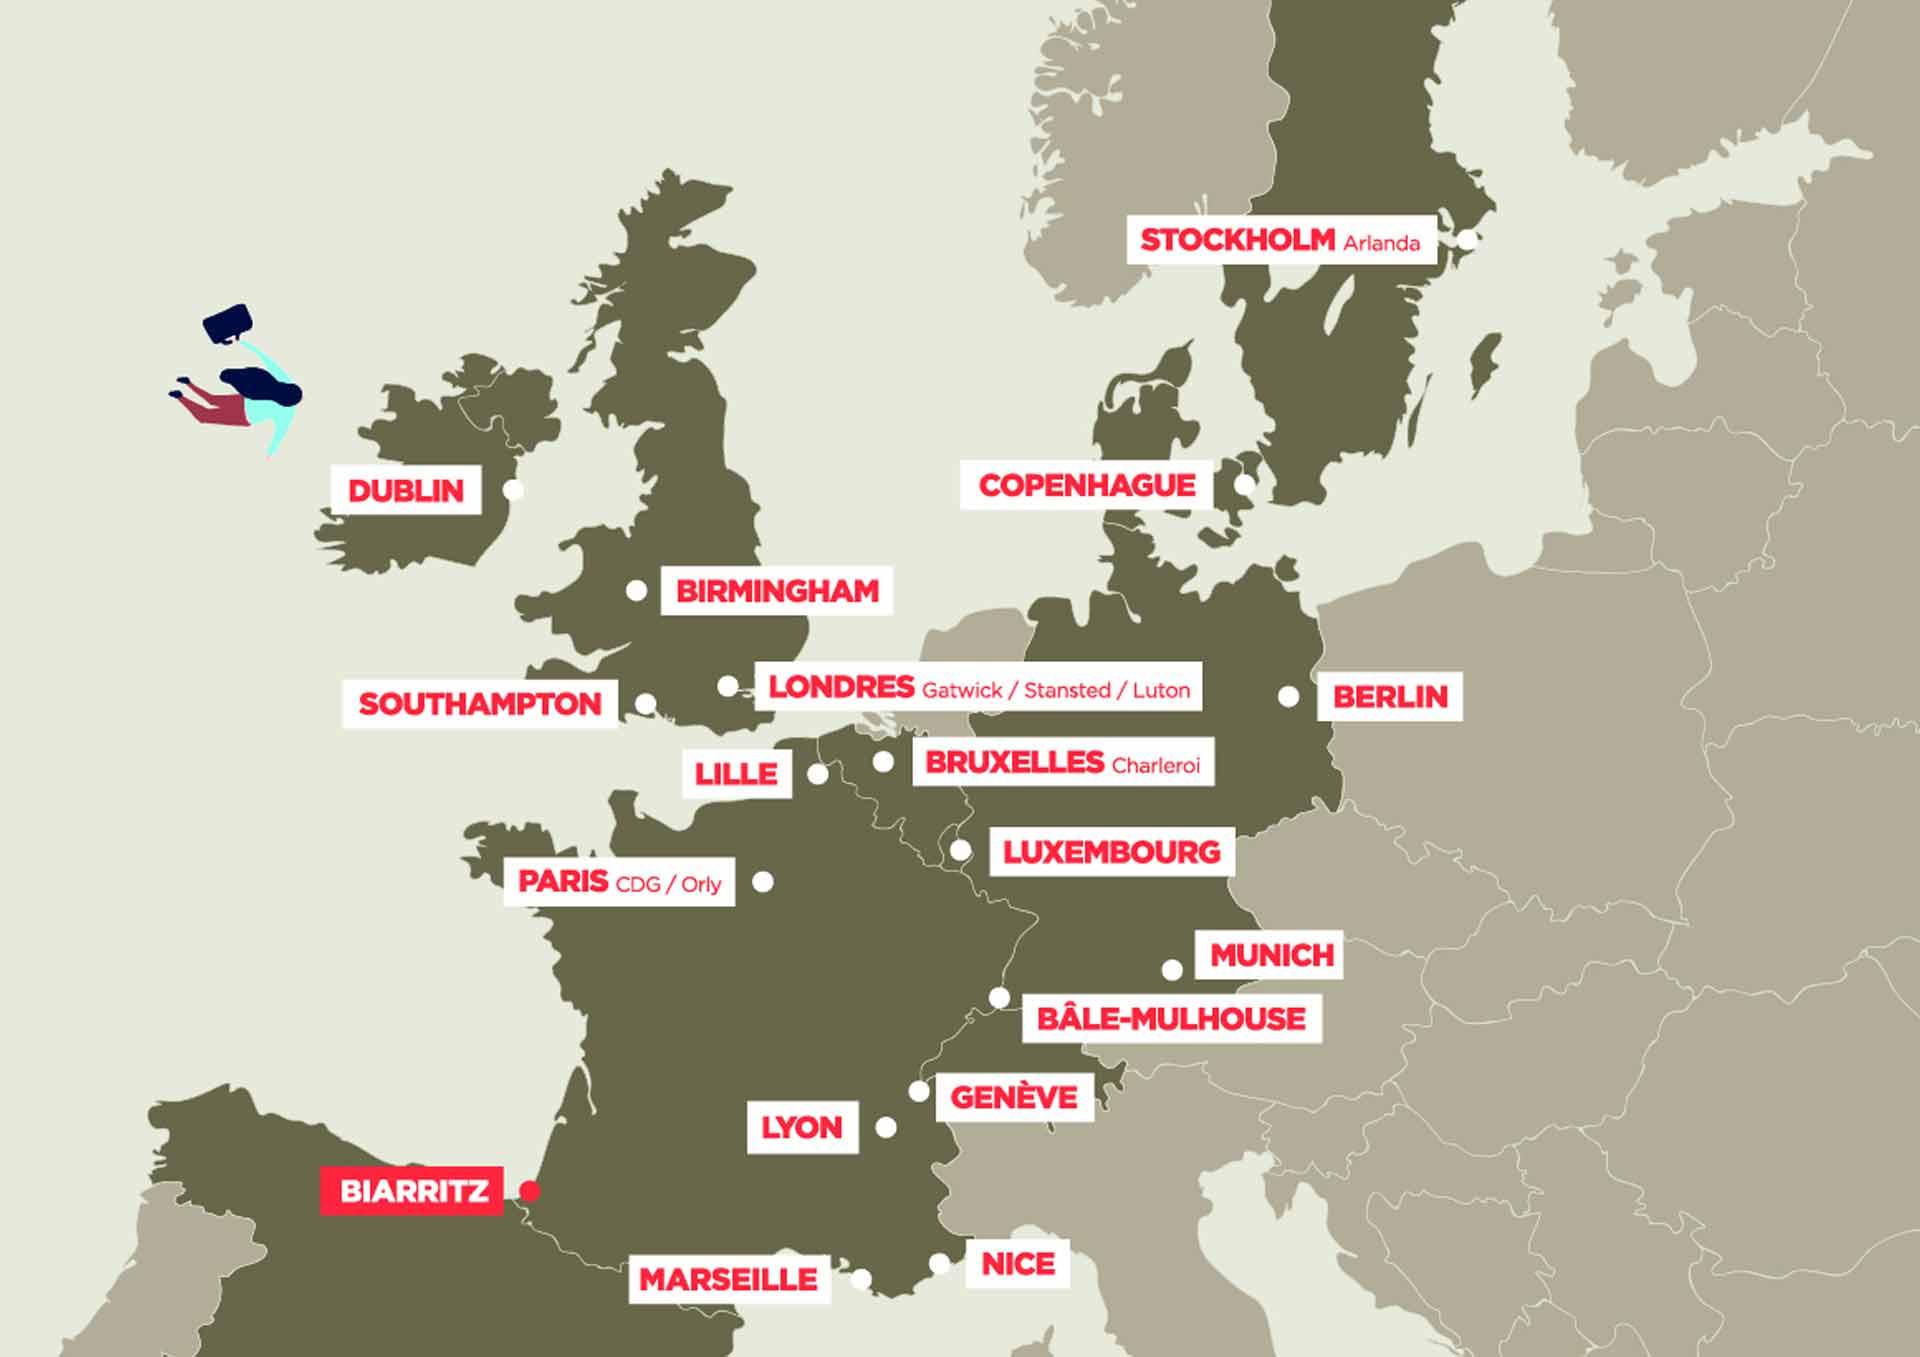 Aéroport Biarritz Pays Basque : vols au départ et arrivée de